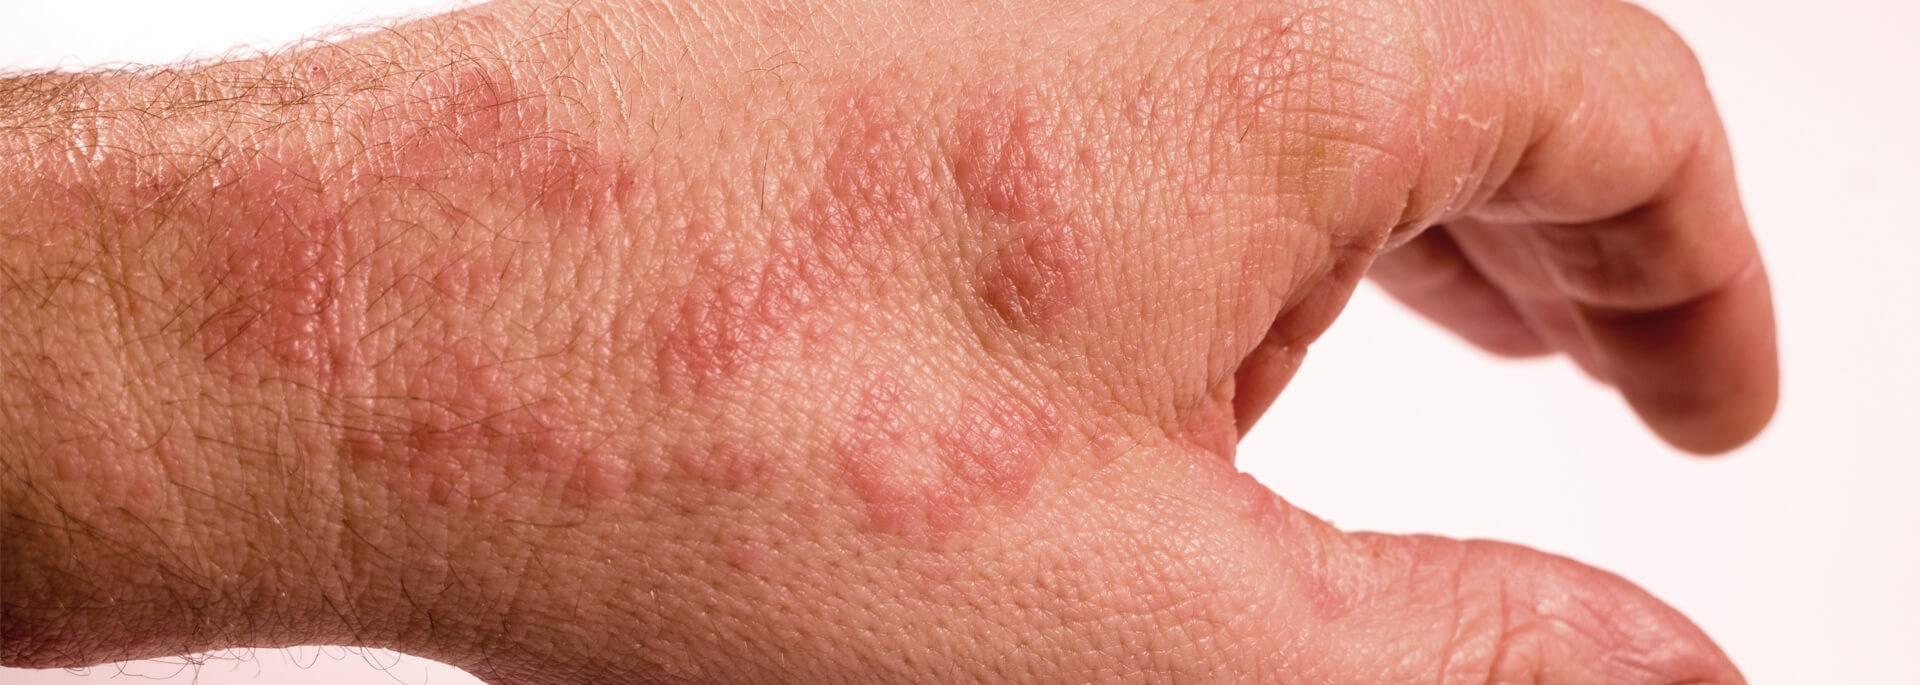 Дерматит: лечение мазями и кремами